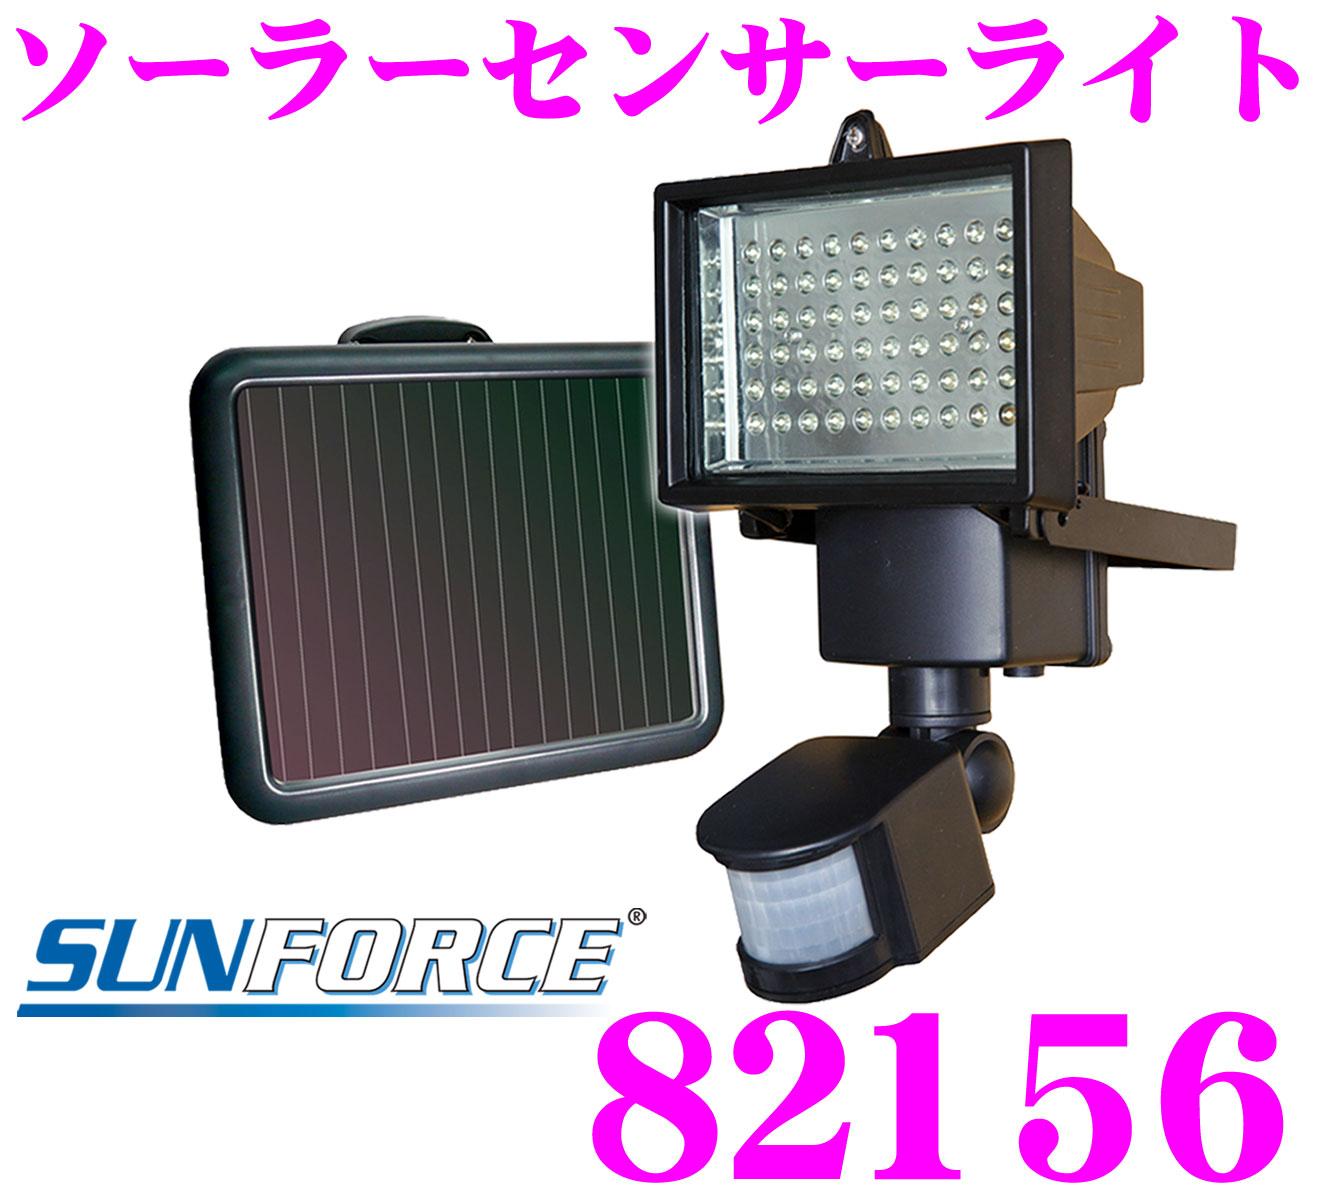 SUNFORCE ソーラーセンサーライト82156 60粒超白光LED 光量合計850ルーメン センサー可能な最大角度180゜最長距離12Mまで 耐水仕様 1Wソーラーパネル 充電電池付